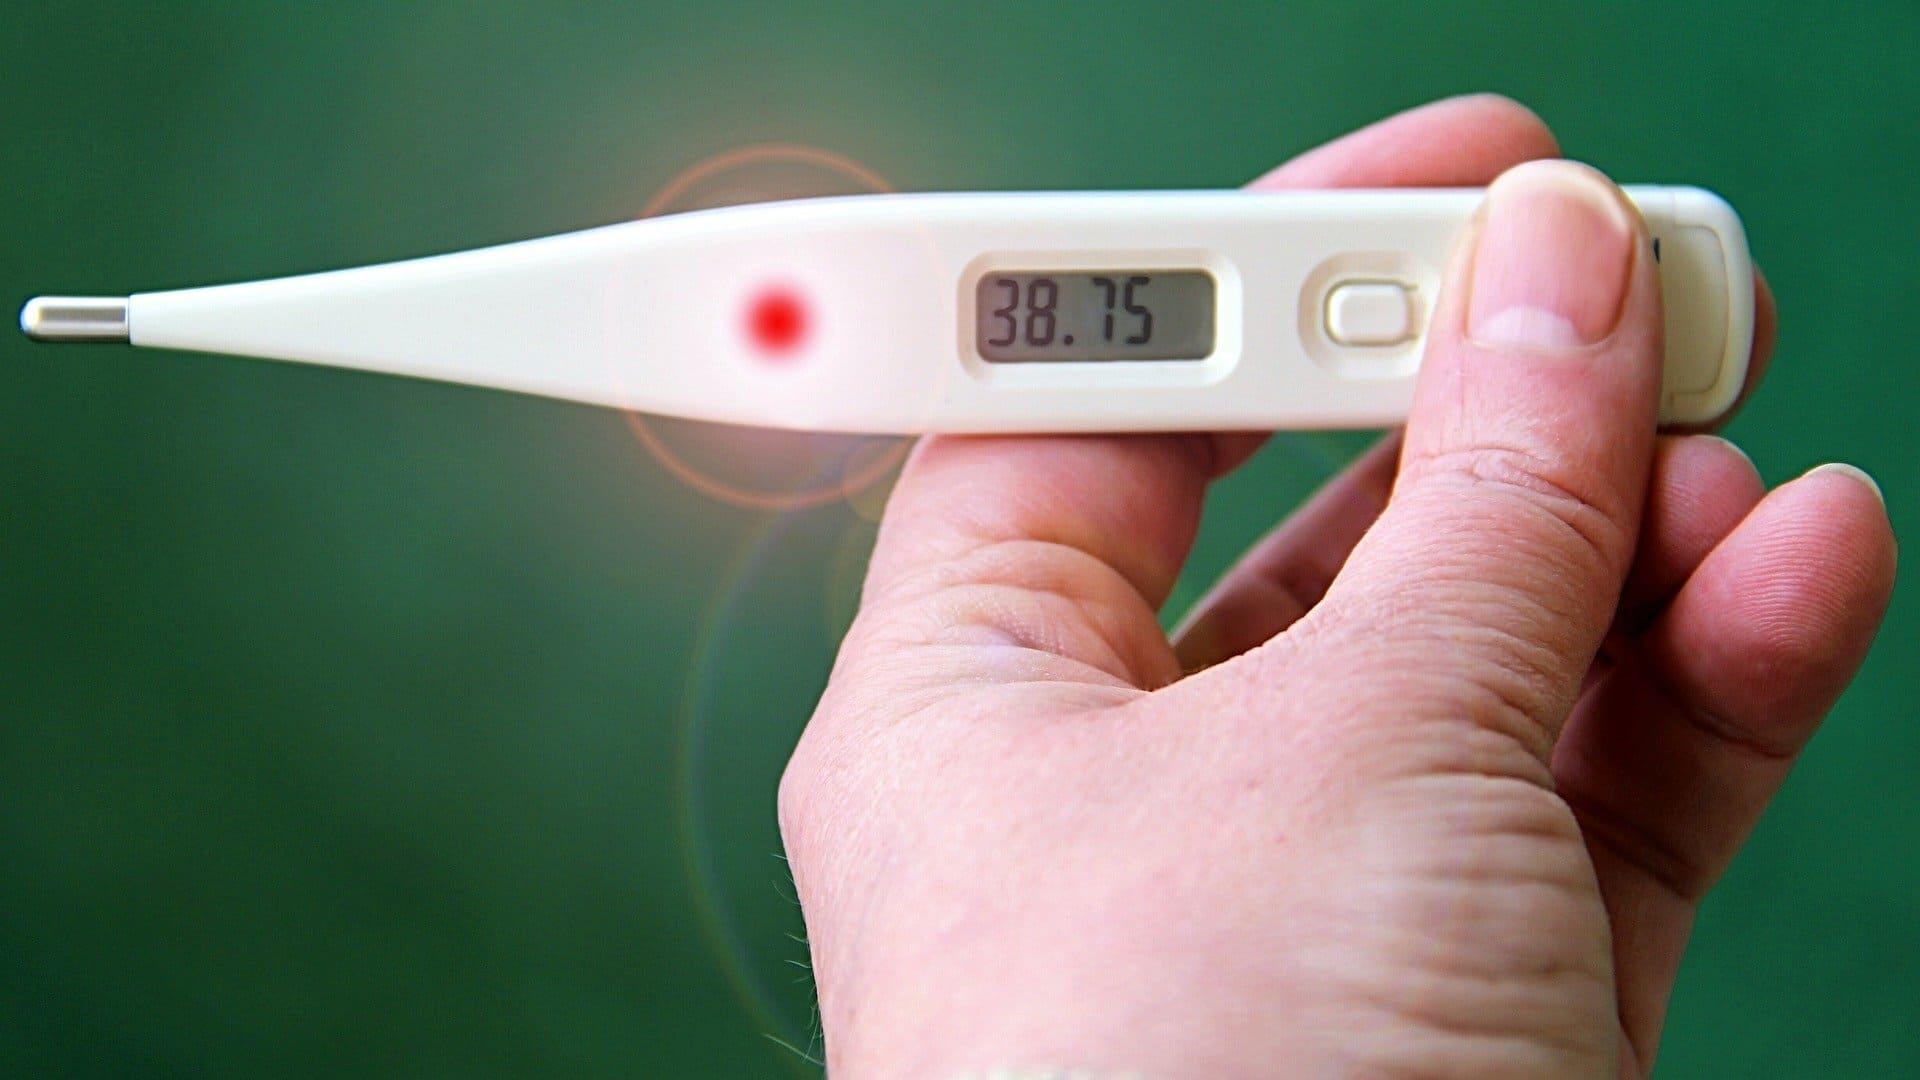 Grippe und Erkältung: Was sind die Unterschiede?